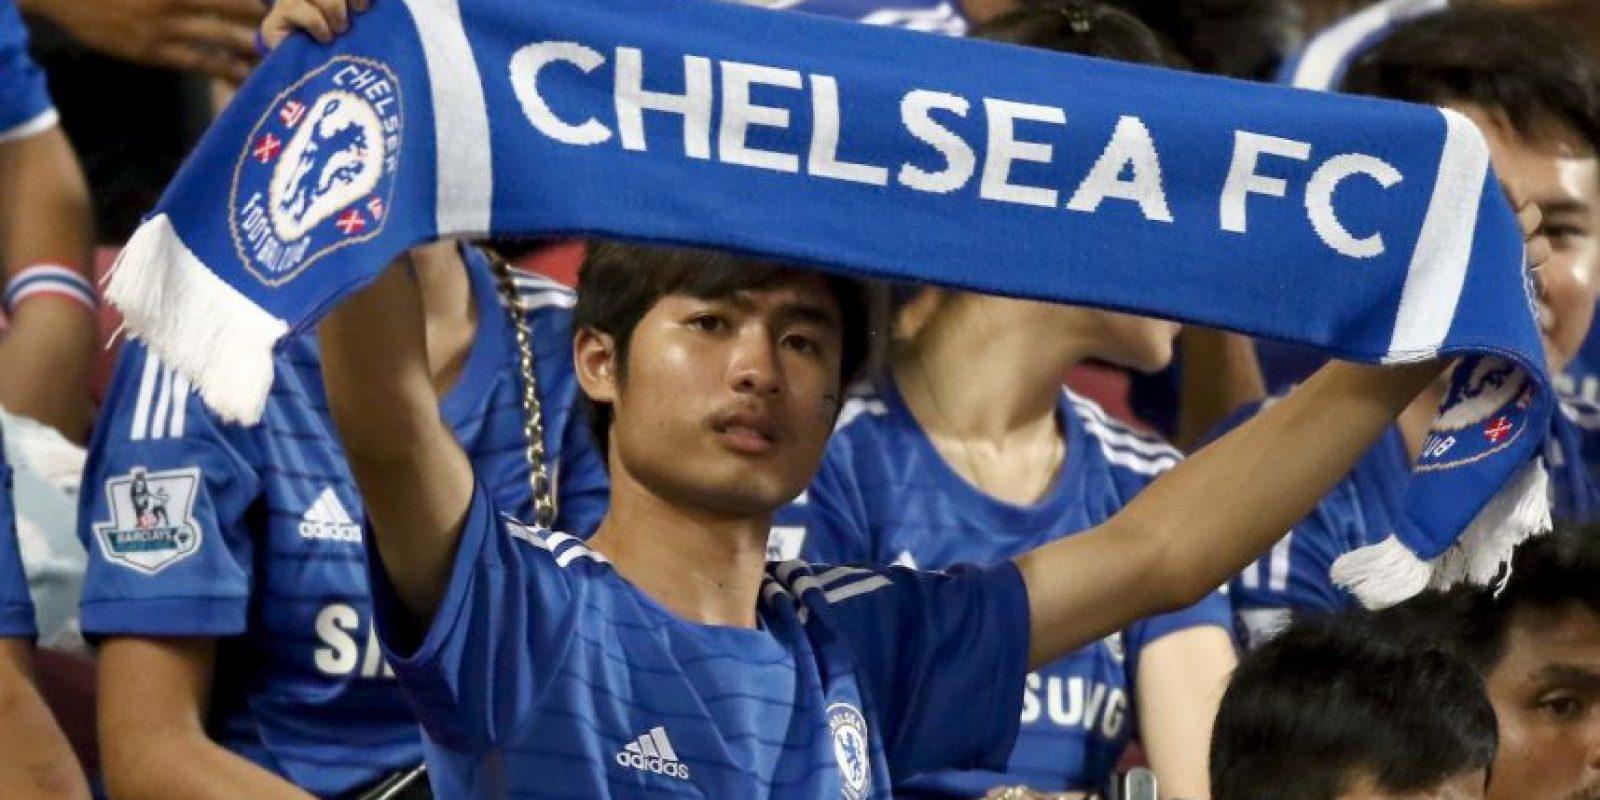 Chelsea, actual campeón de la Premier League, y que también ganó la Copa de la Liga, está de visita en Tailandia. Foto:Getty Images